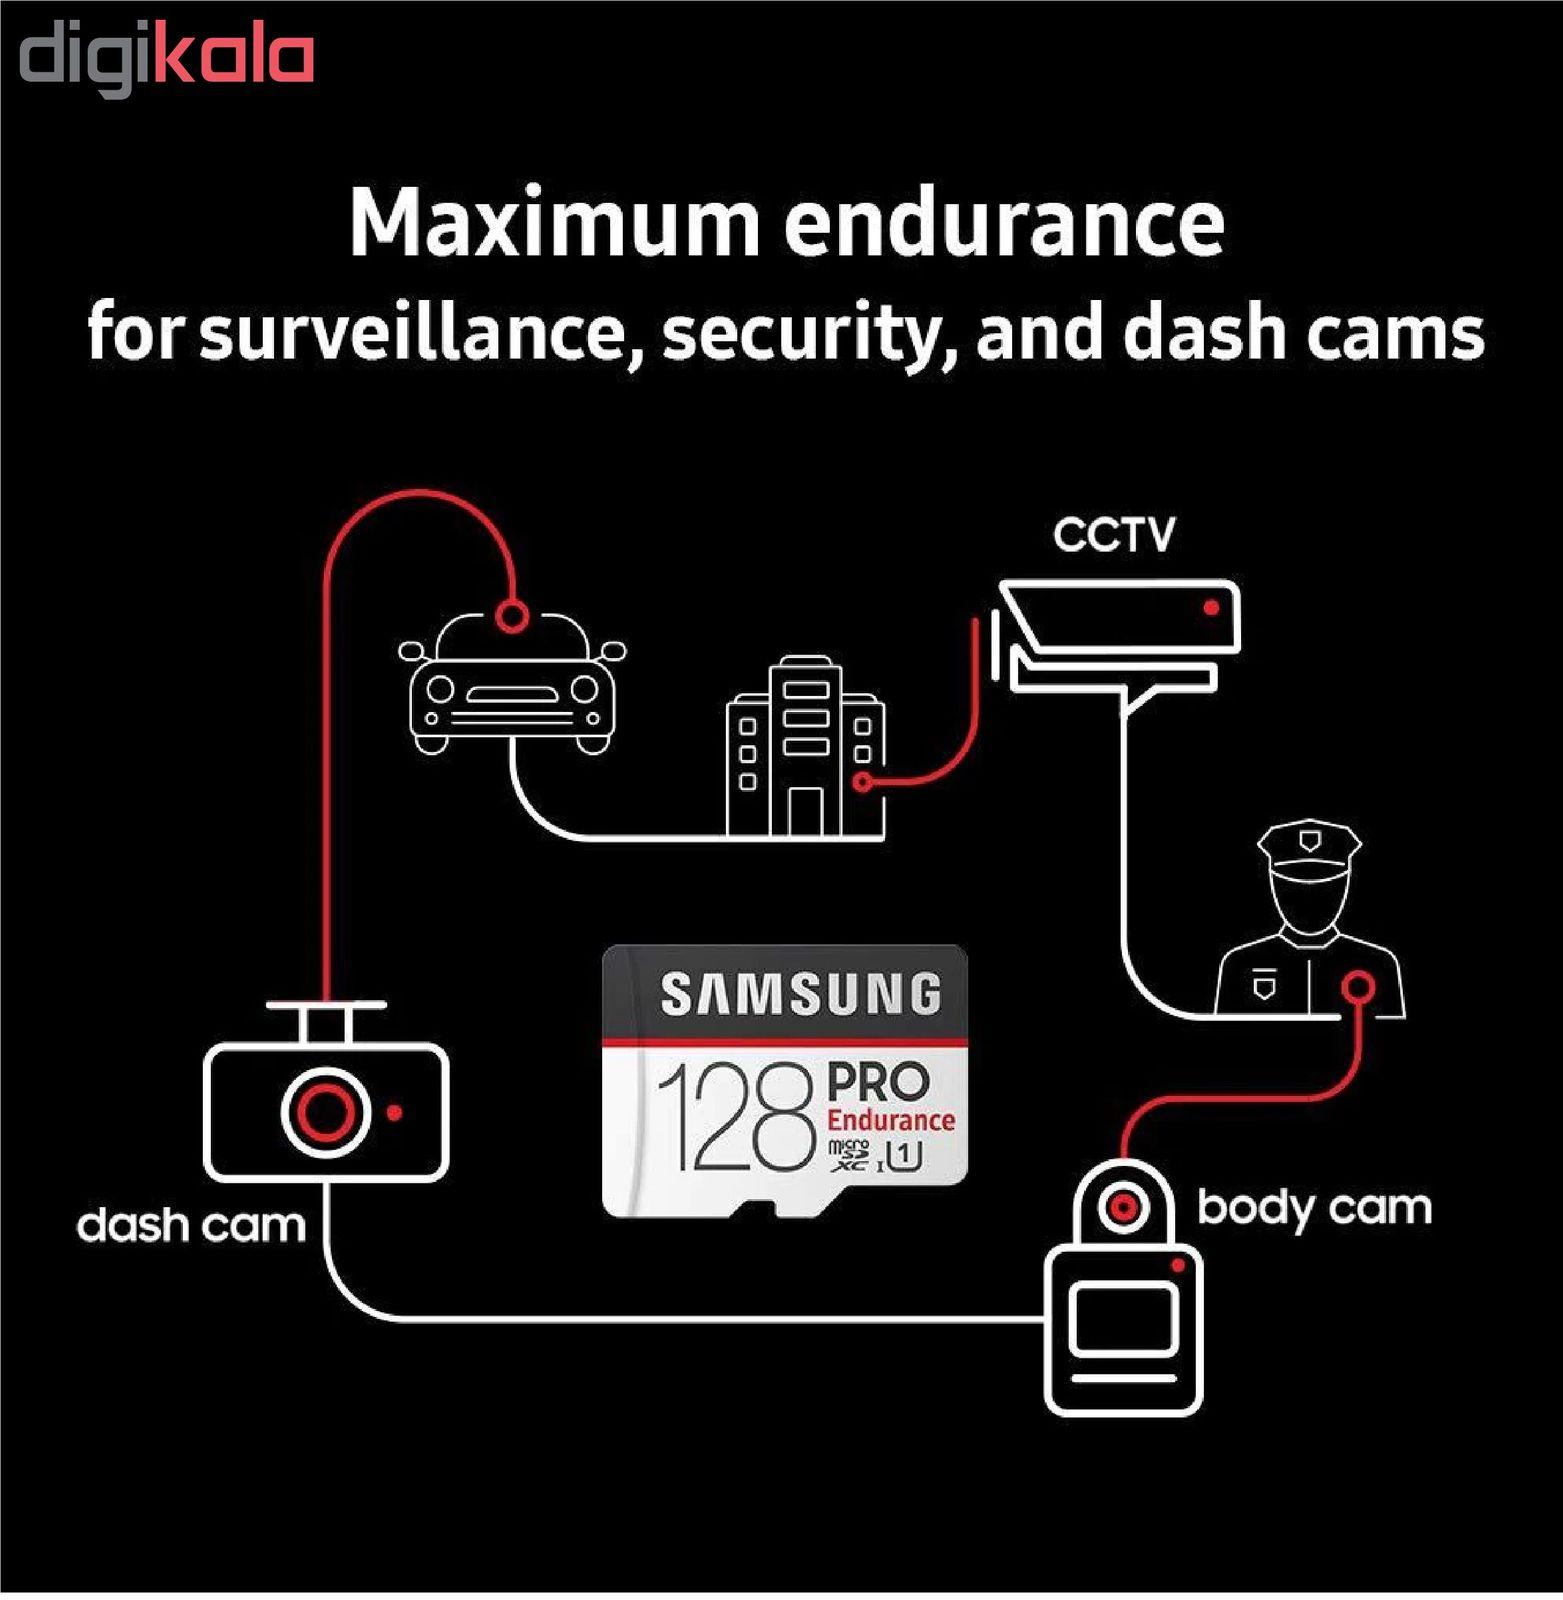 کارت حافظه microSDXC سامسونگ مدل PRO Endurance کلاس 10 استاندارد UHS-I U1 سرعت 80MBps ظرفیت 64 گیگابایت به همراه آداپتور SD main 1 3